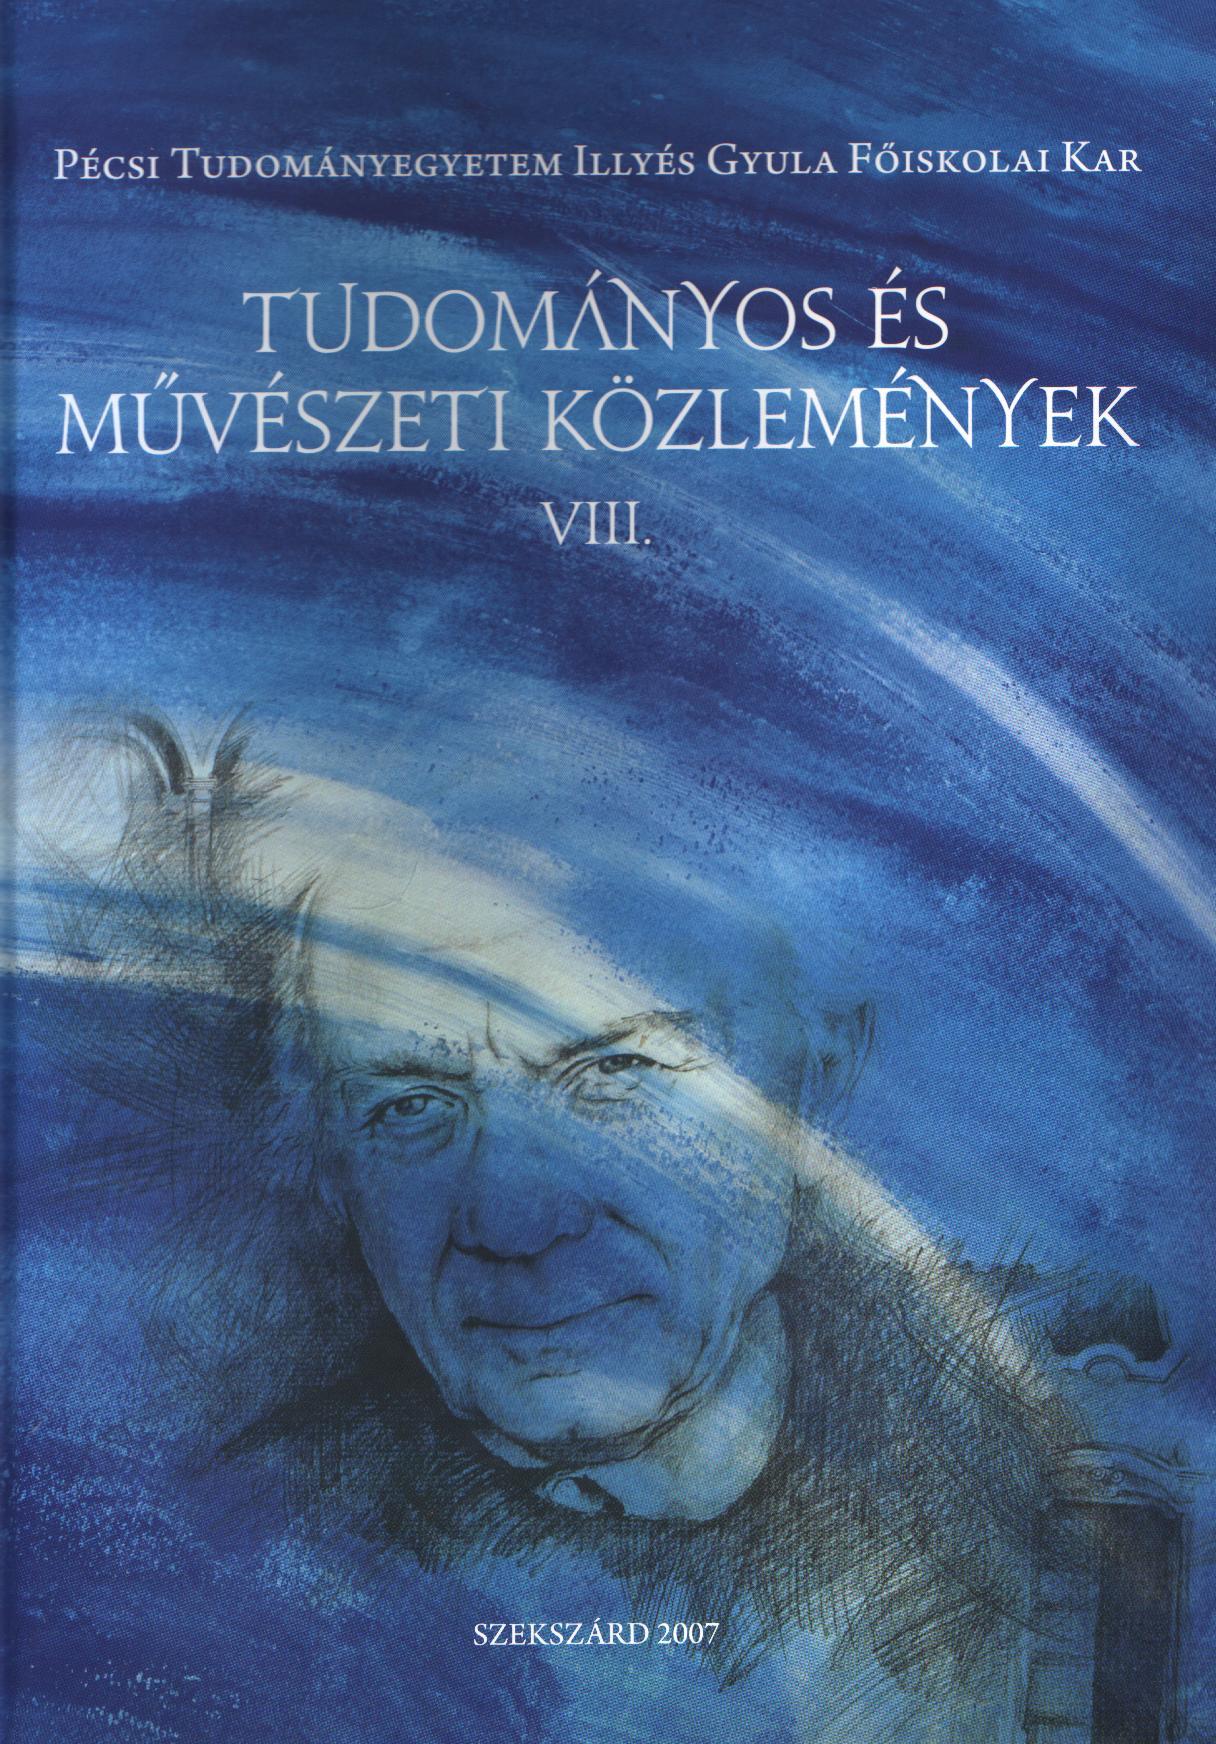 Pécsi Tudományegyetem Illyés Gyula Főiskolai Kar Tudományos és Művészeti Közlemények VIII: